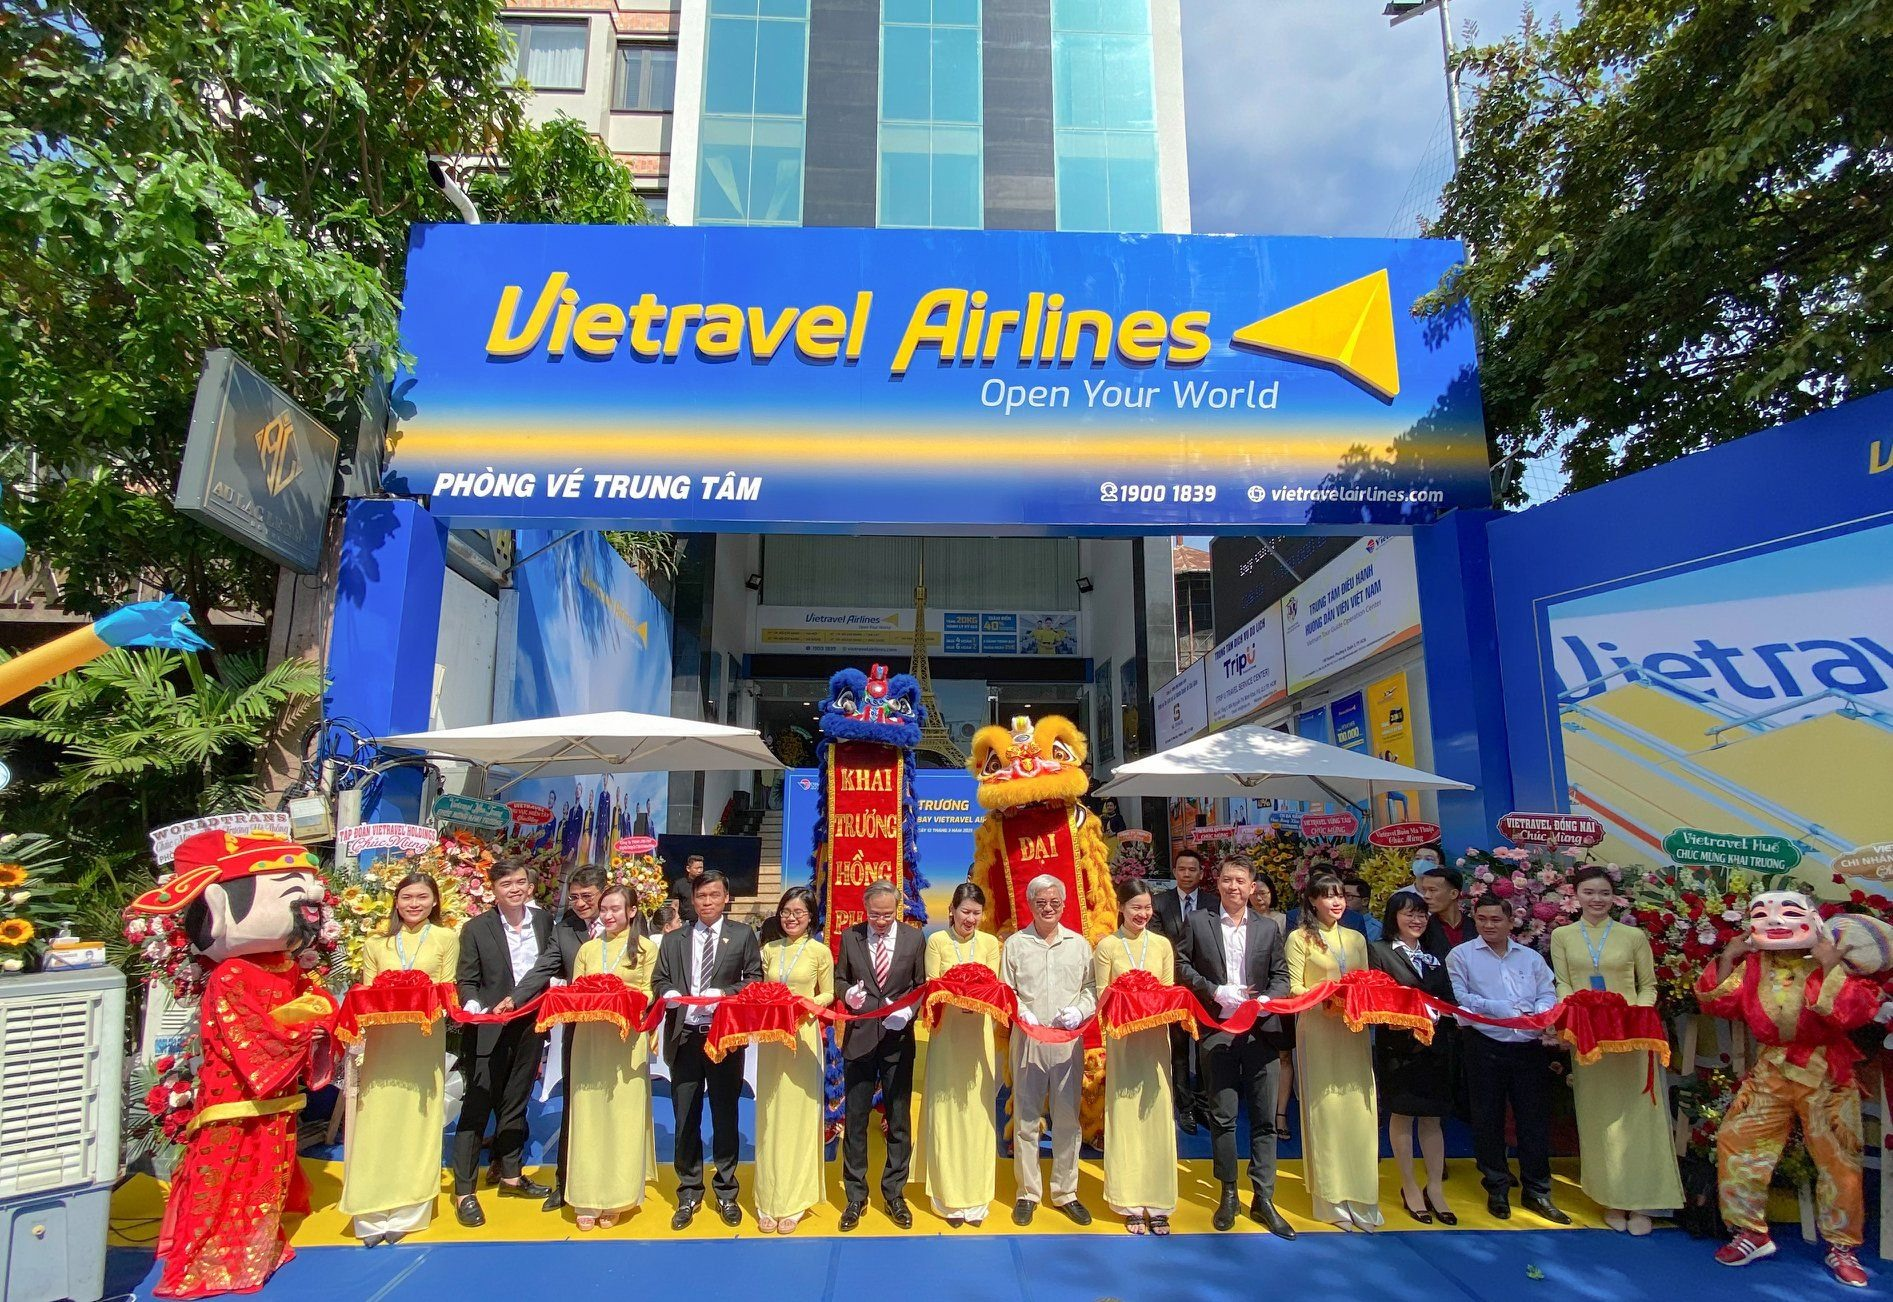 Khai trương hệ thống phòng bán vé máy bay Vietravel Airlines